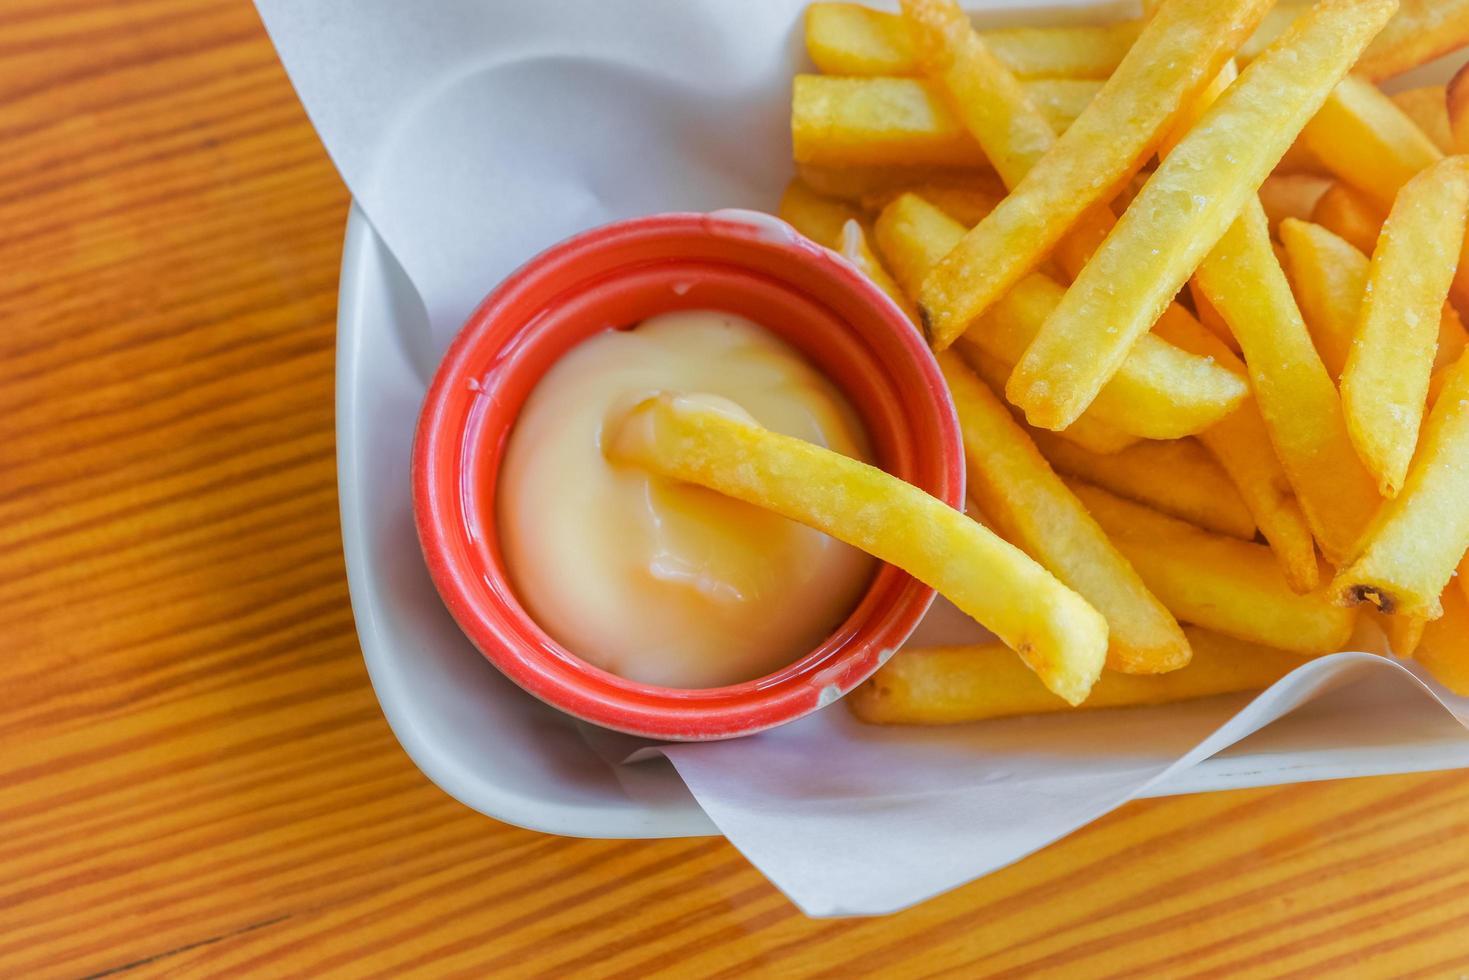 patate fritte sul piatto bianco foto